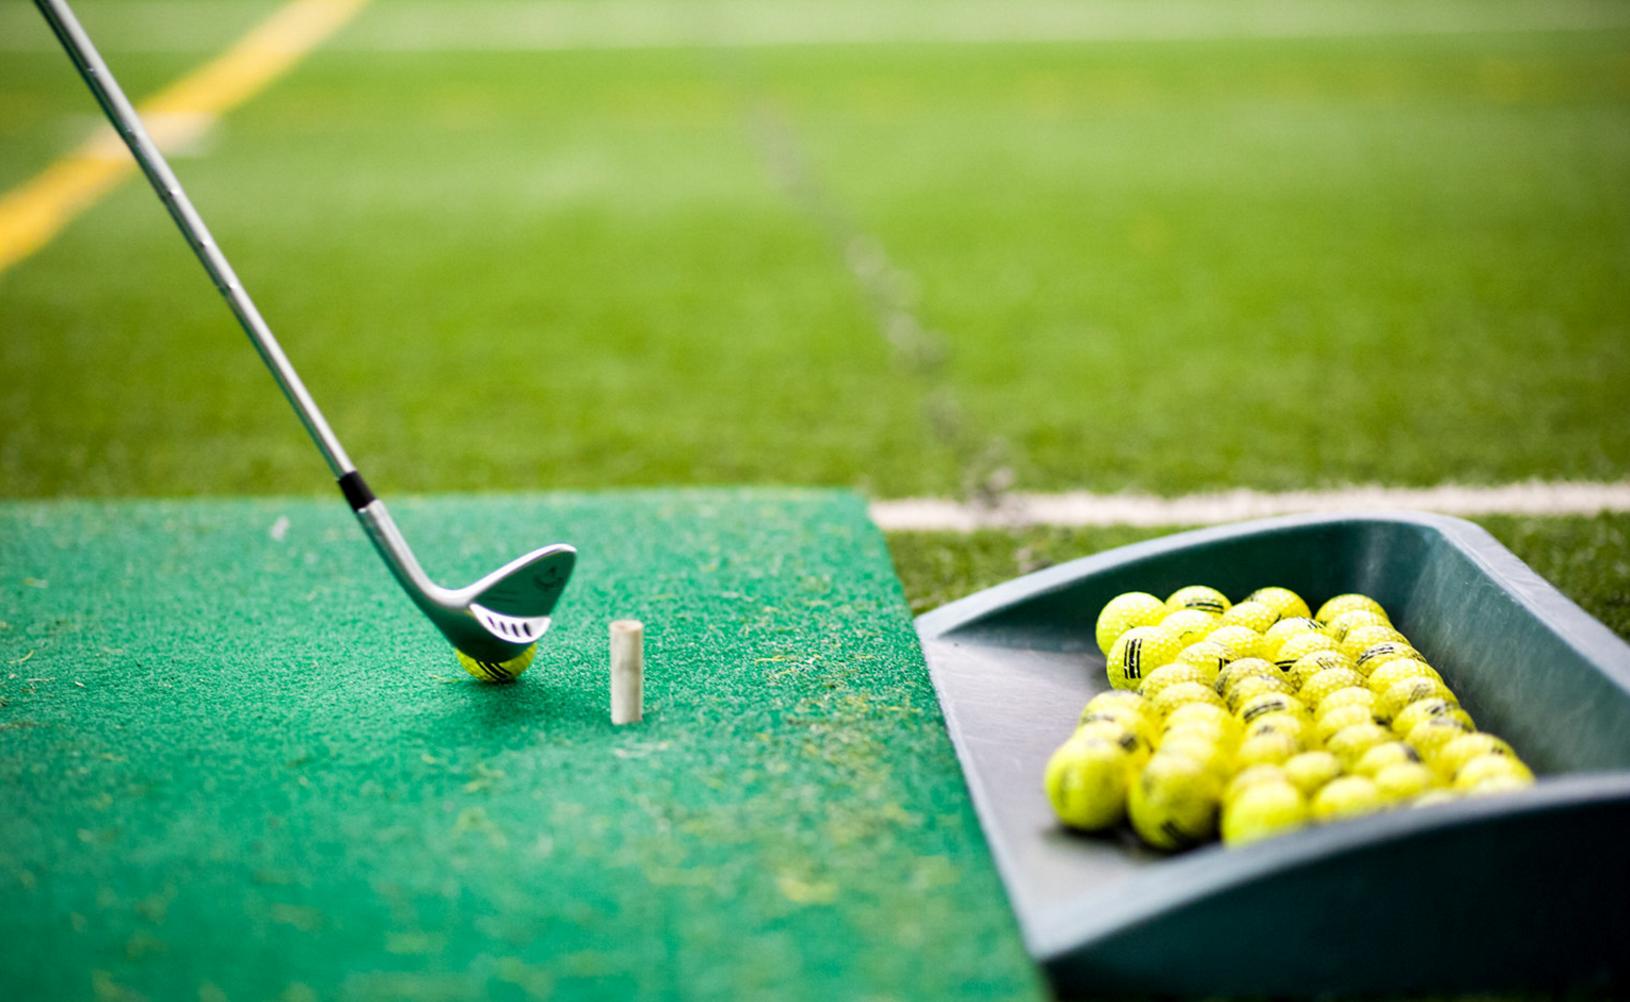 golfclubandballd